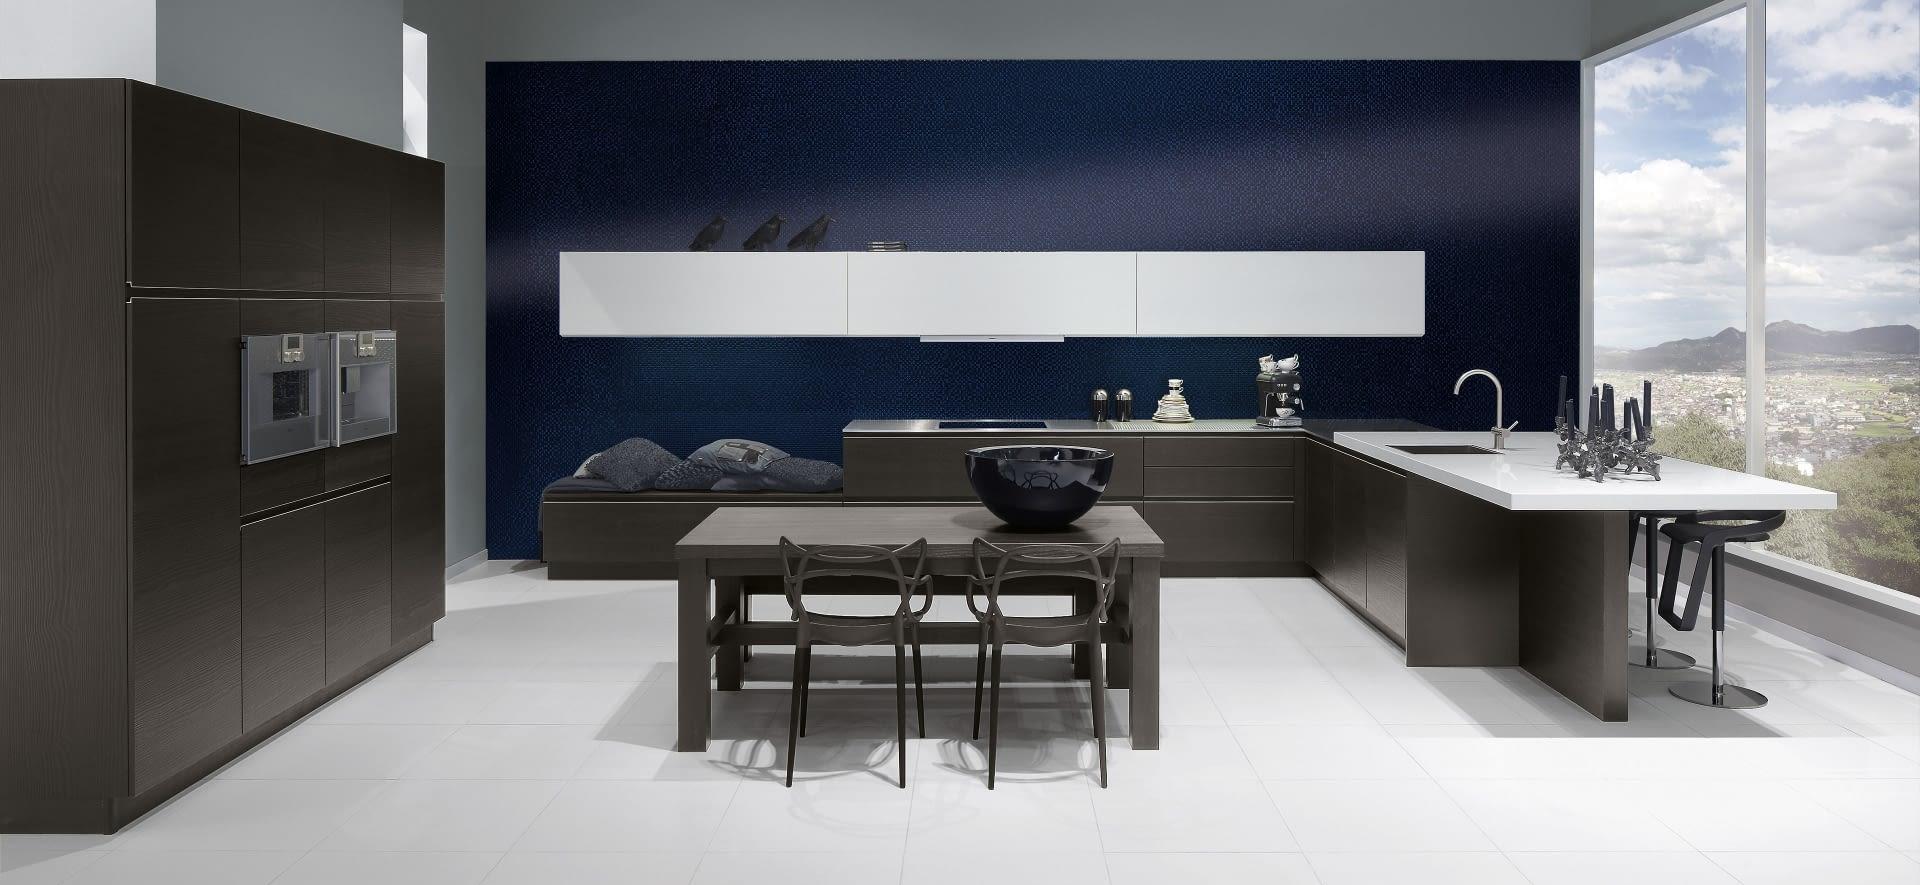 u k che pinie schwarzbraun mit zenith. Black Bedroom Furniture Sets. Home Design Ideas